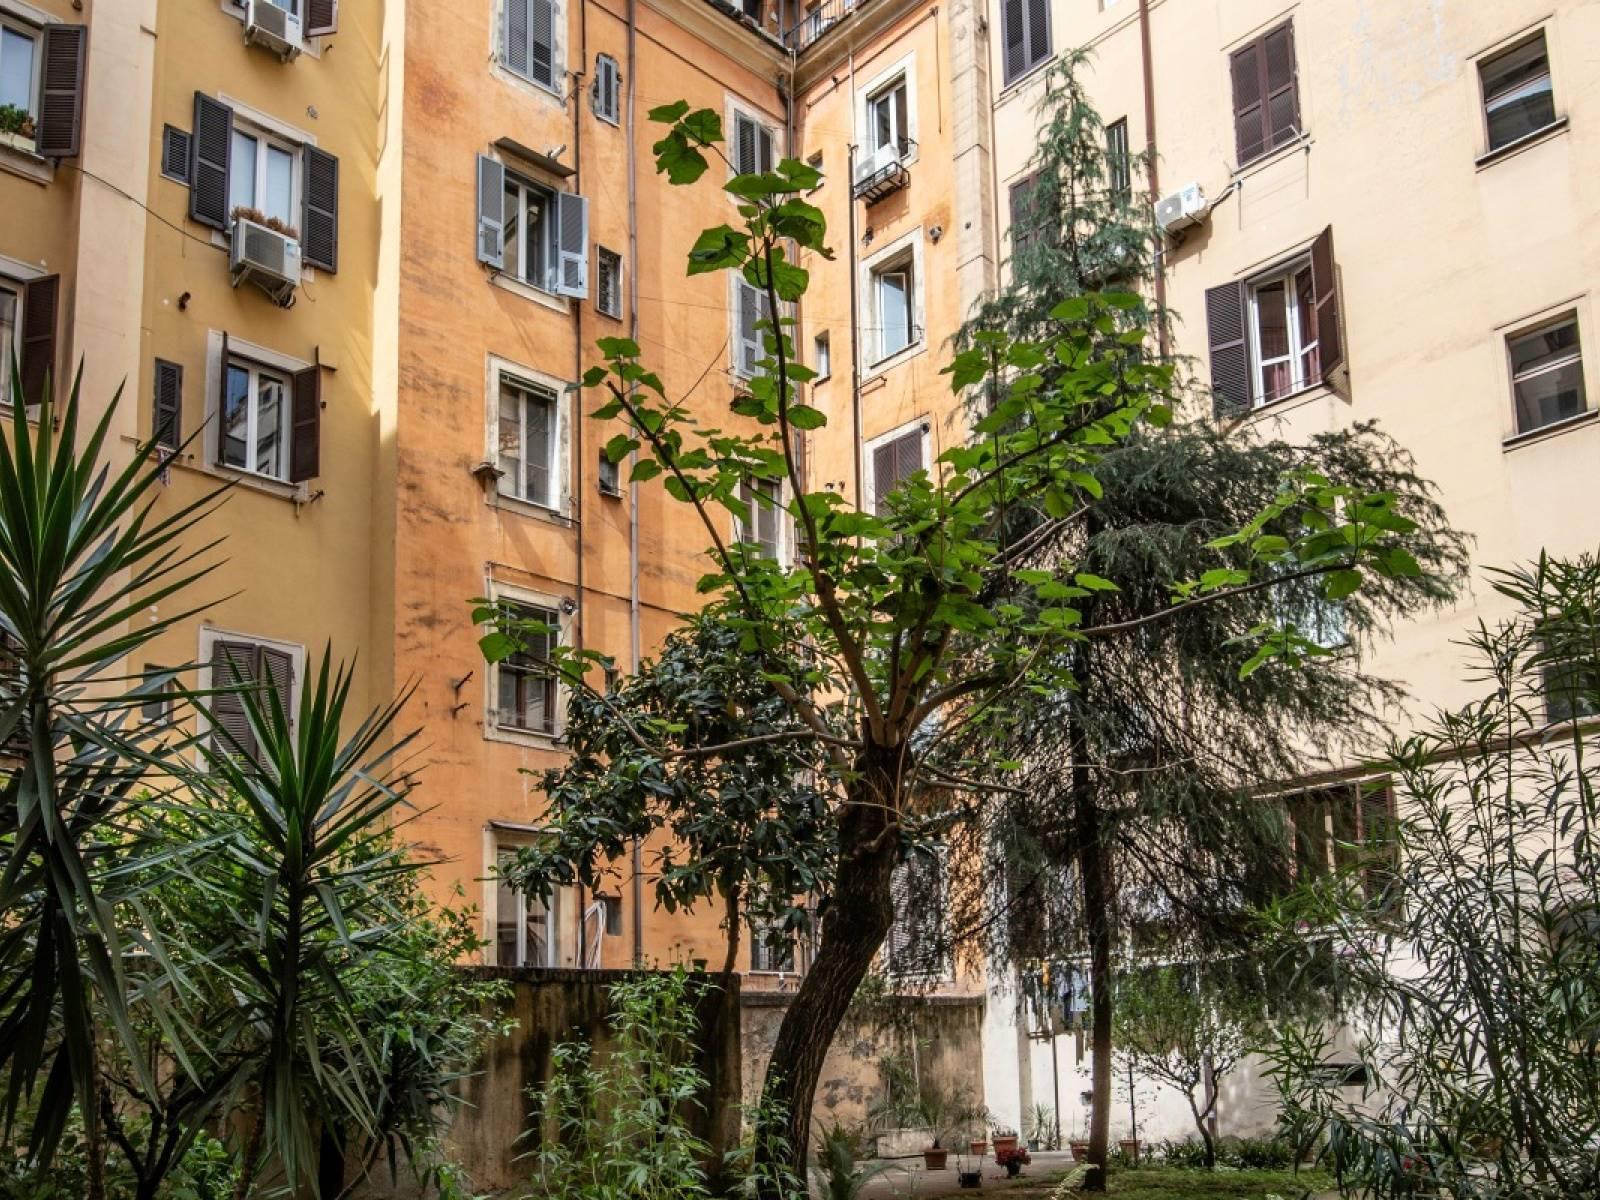 Appartamento in vendita a Roma, 4 locali, zona Zona: 7 . Esquilino, San Lorenzo, Termini, prezzo € 375.000 | CambioCasa.it